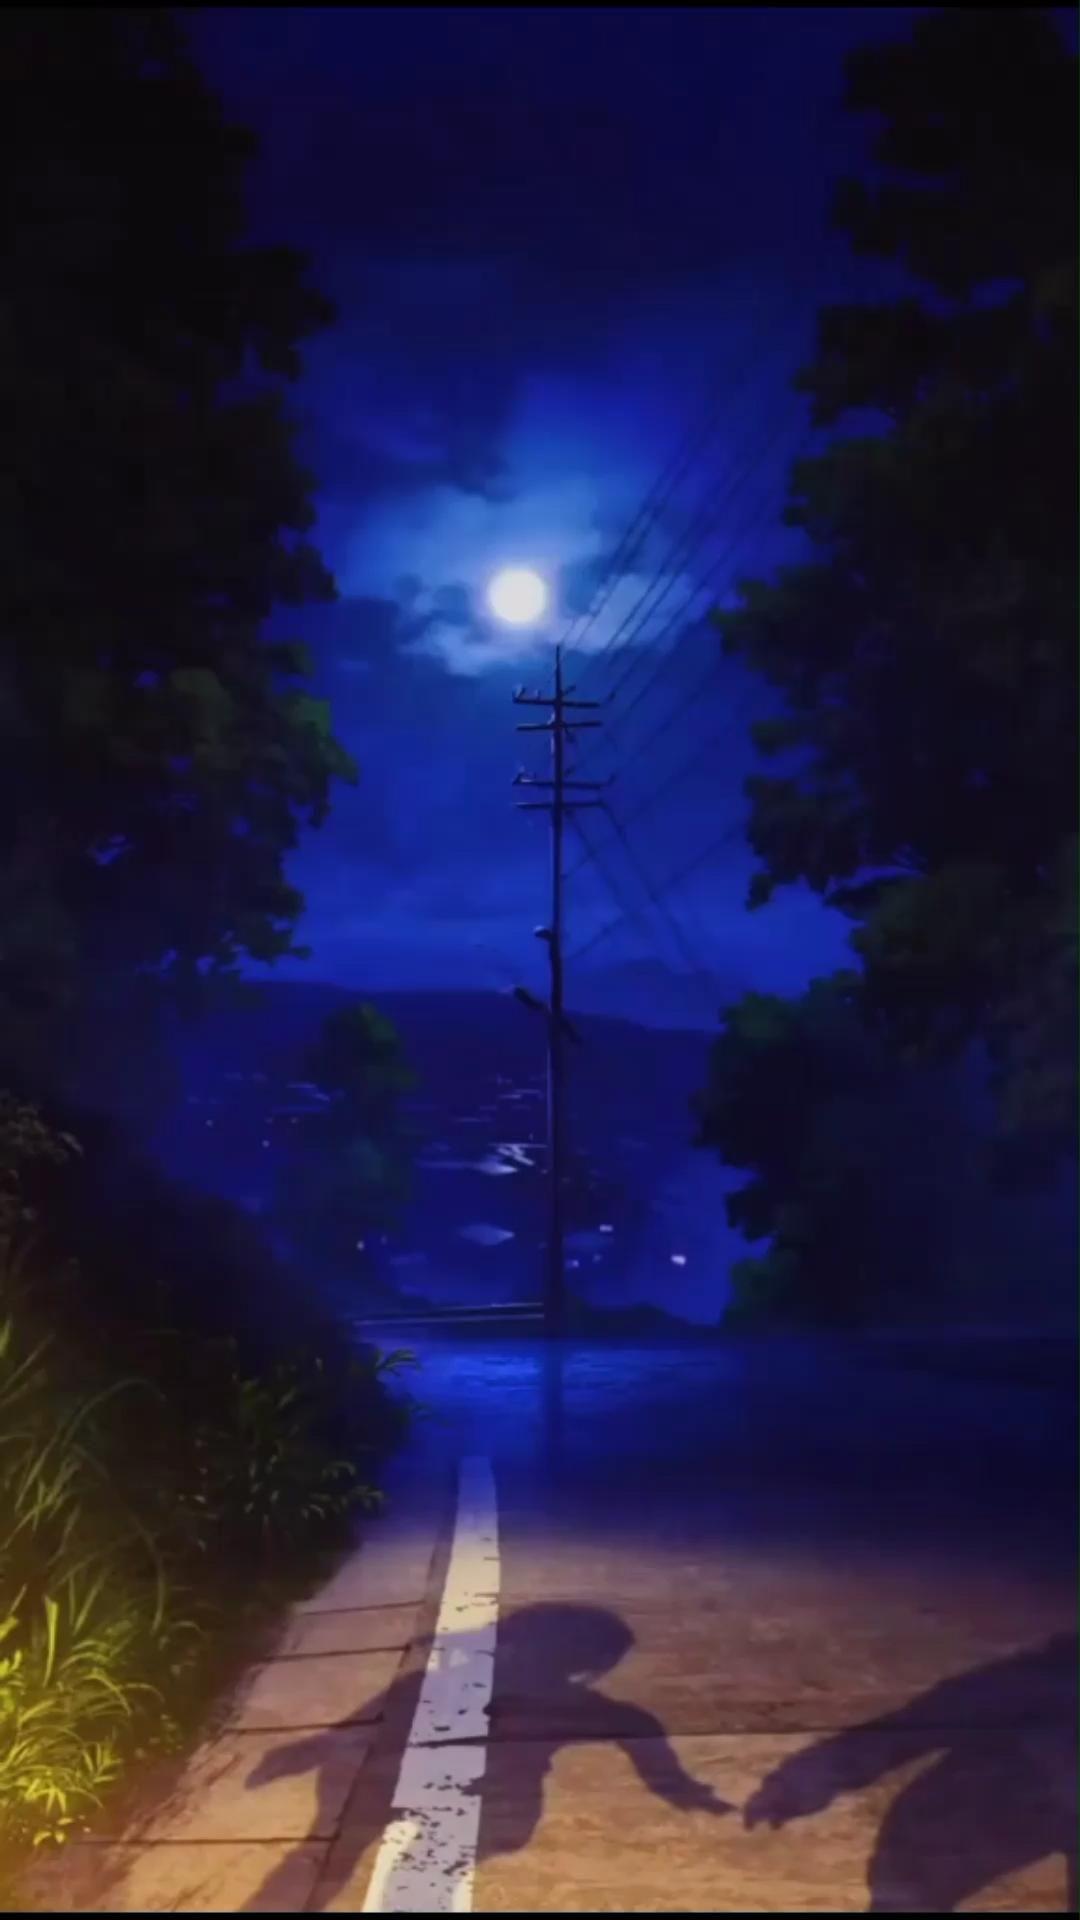 Hình nền động bầu trời đêm đẹp êm dịu